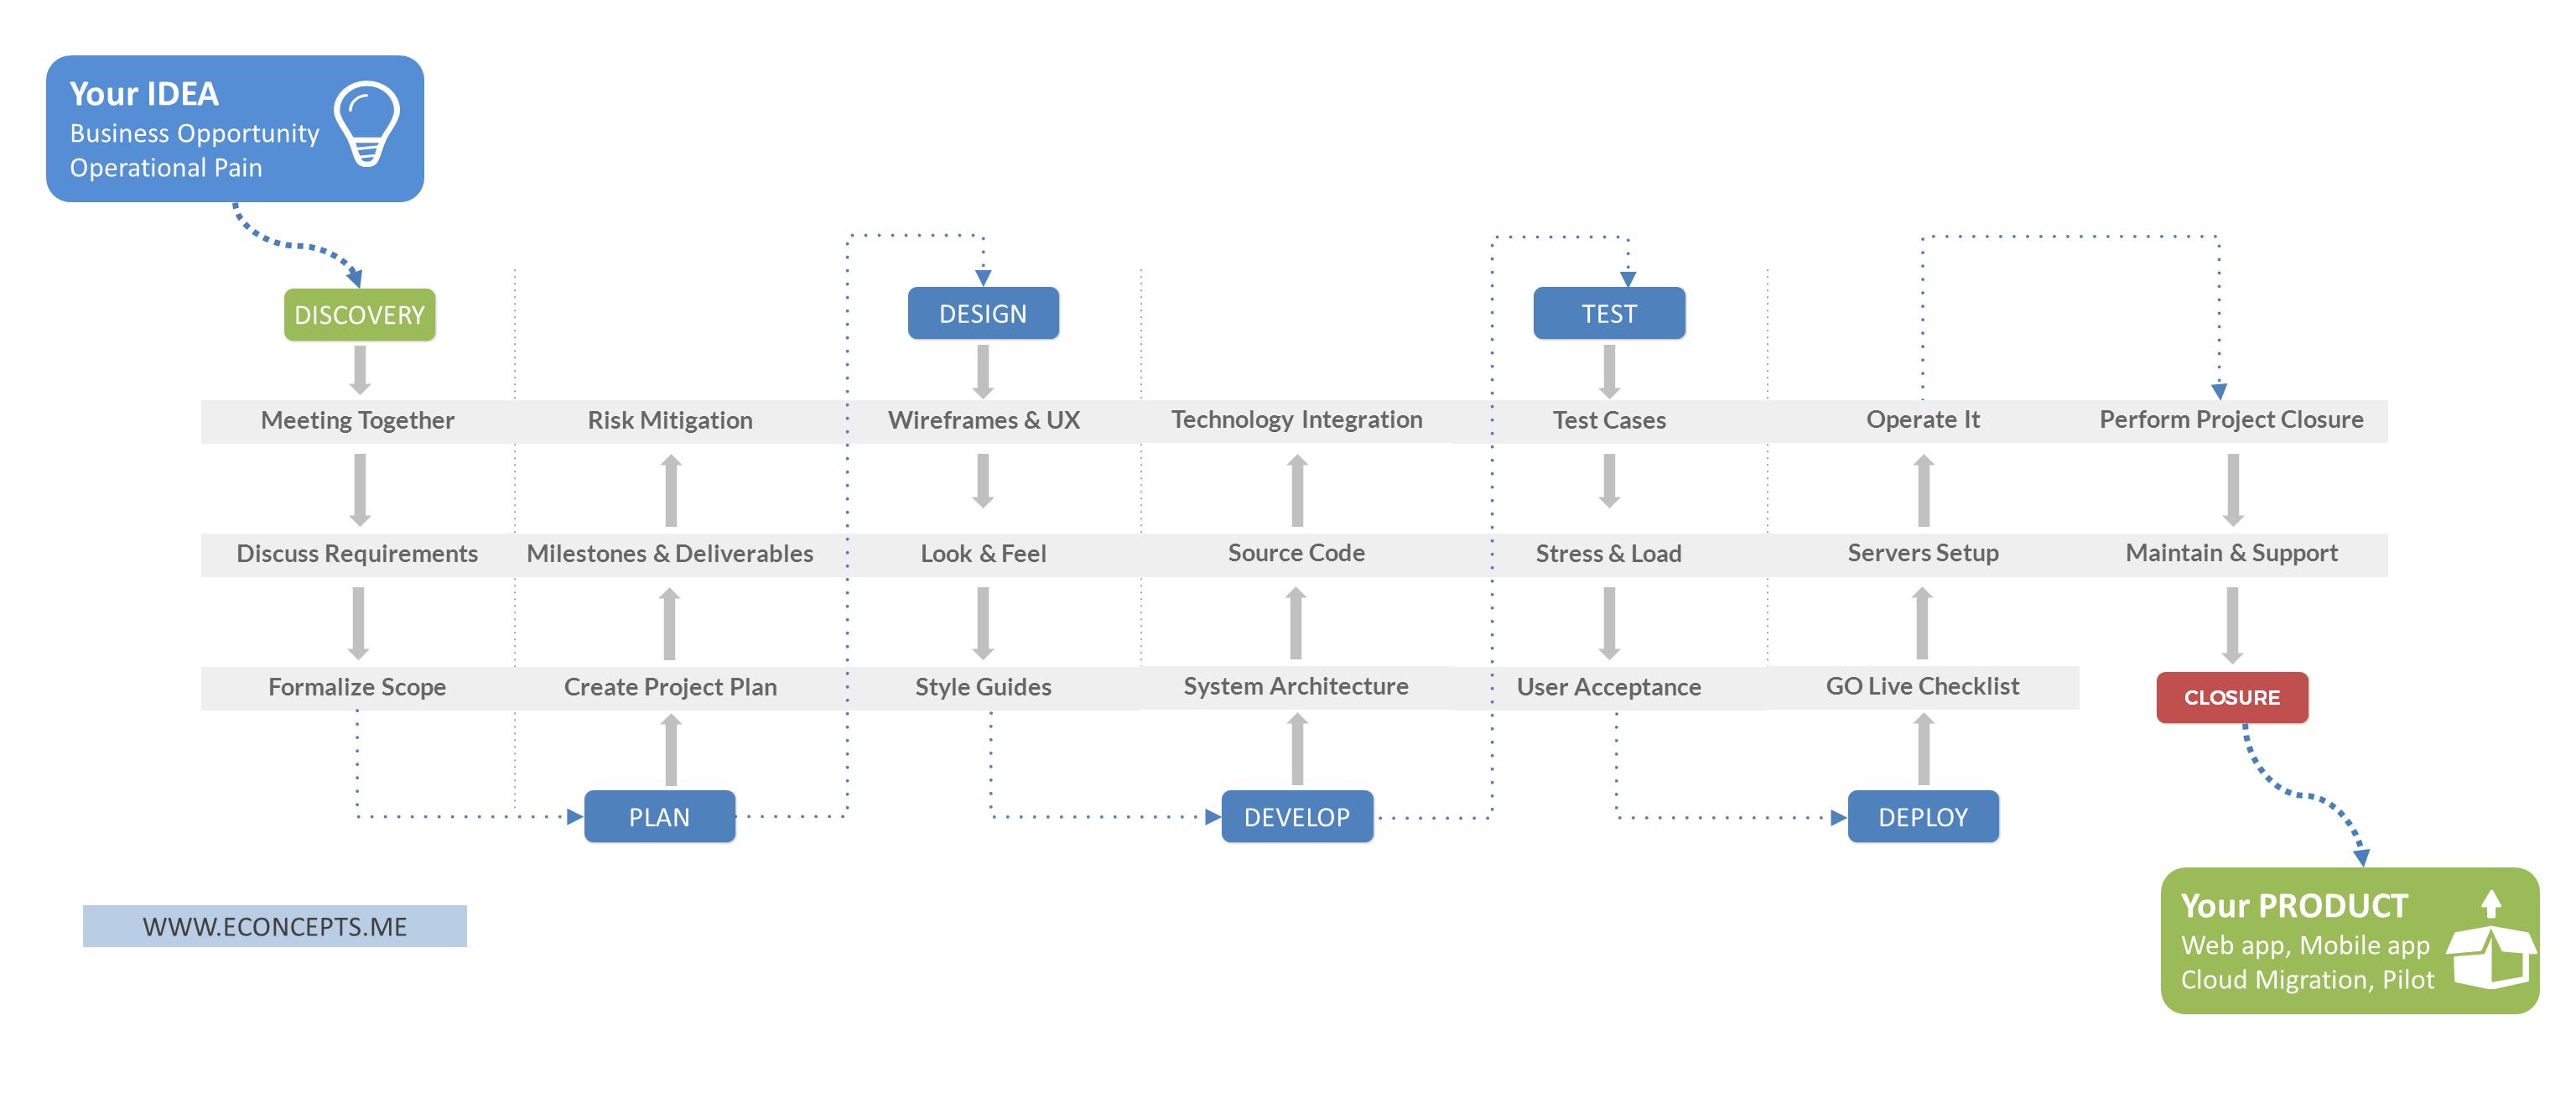 منهجيتنا لتطوير البرمجيات المتكاملة